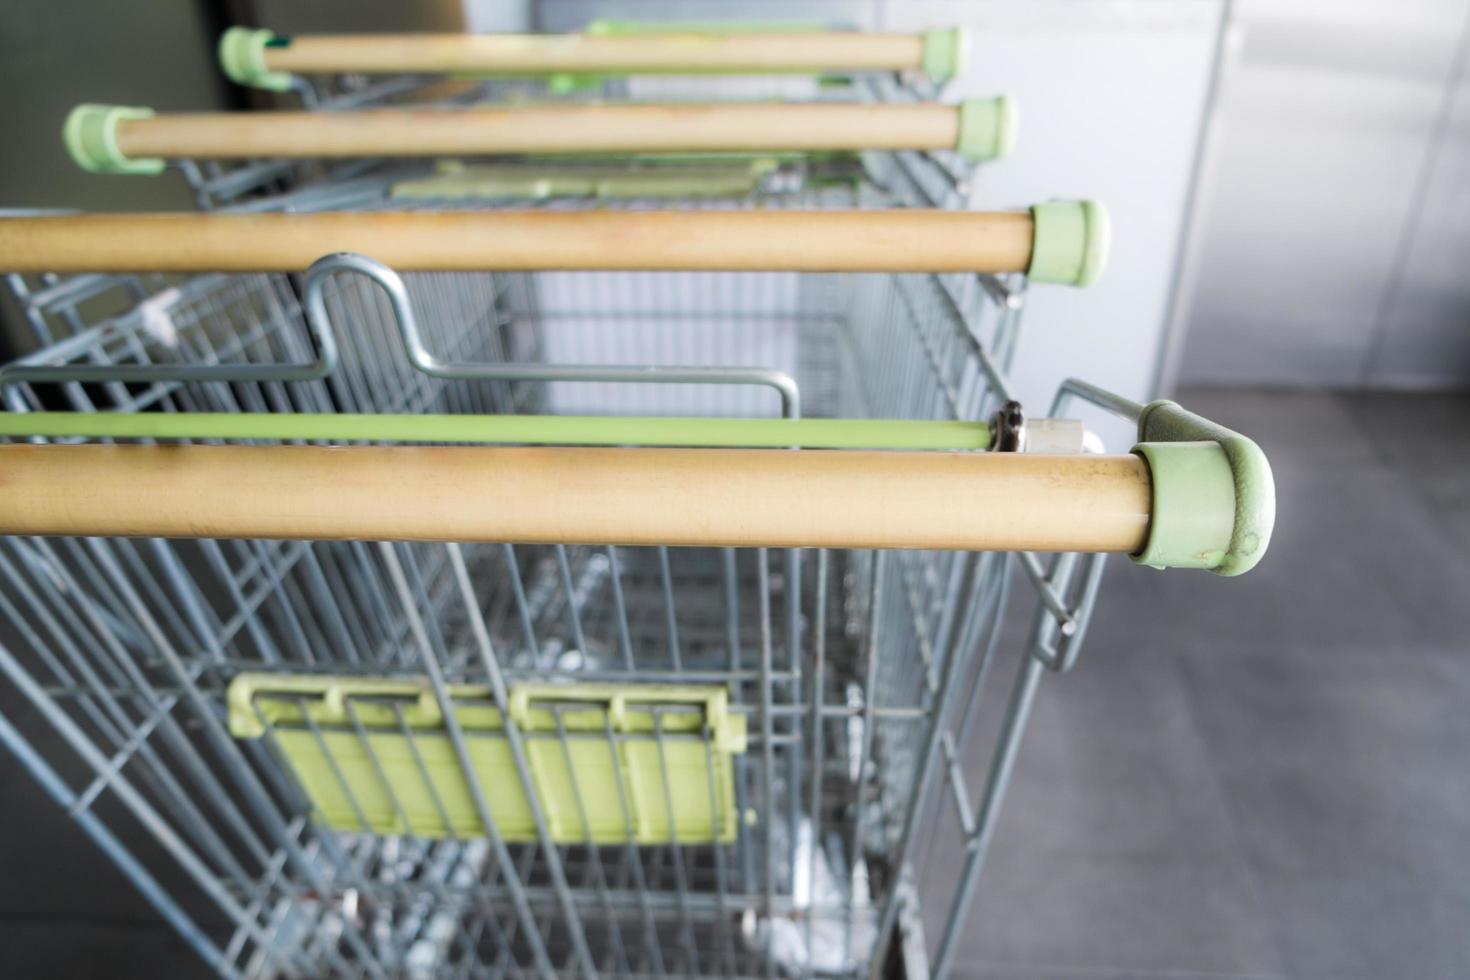 carrinhos de compras vazios fora do supermercado foto